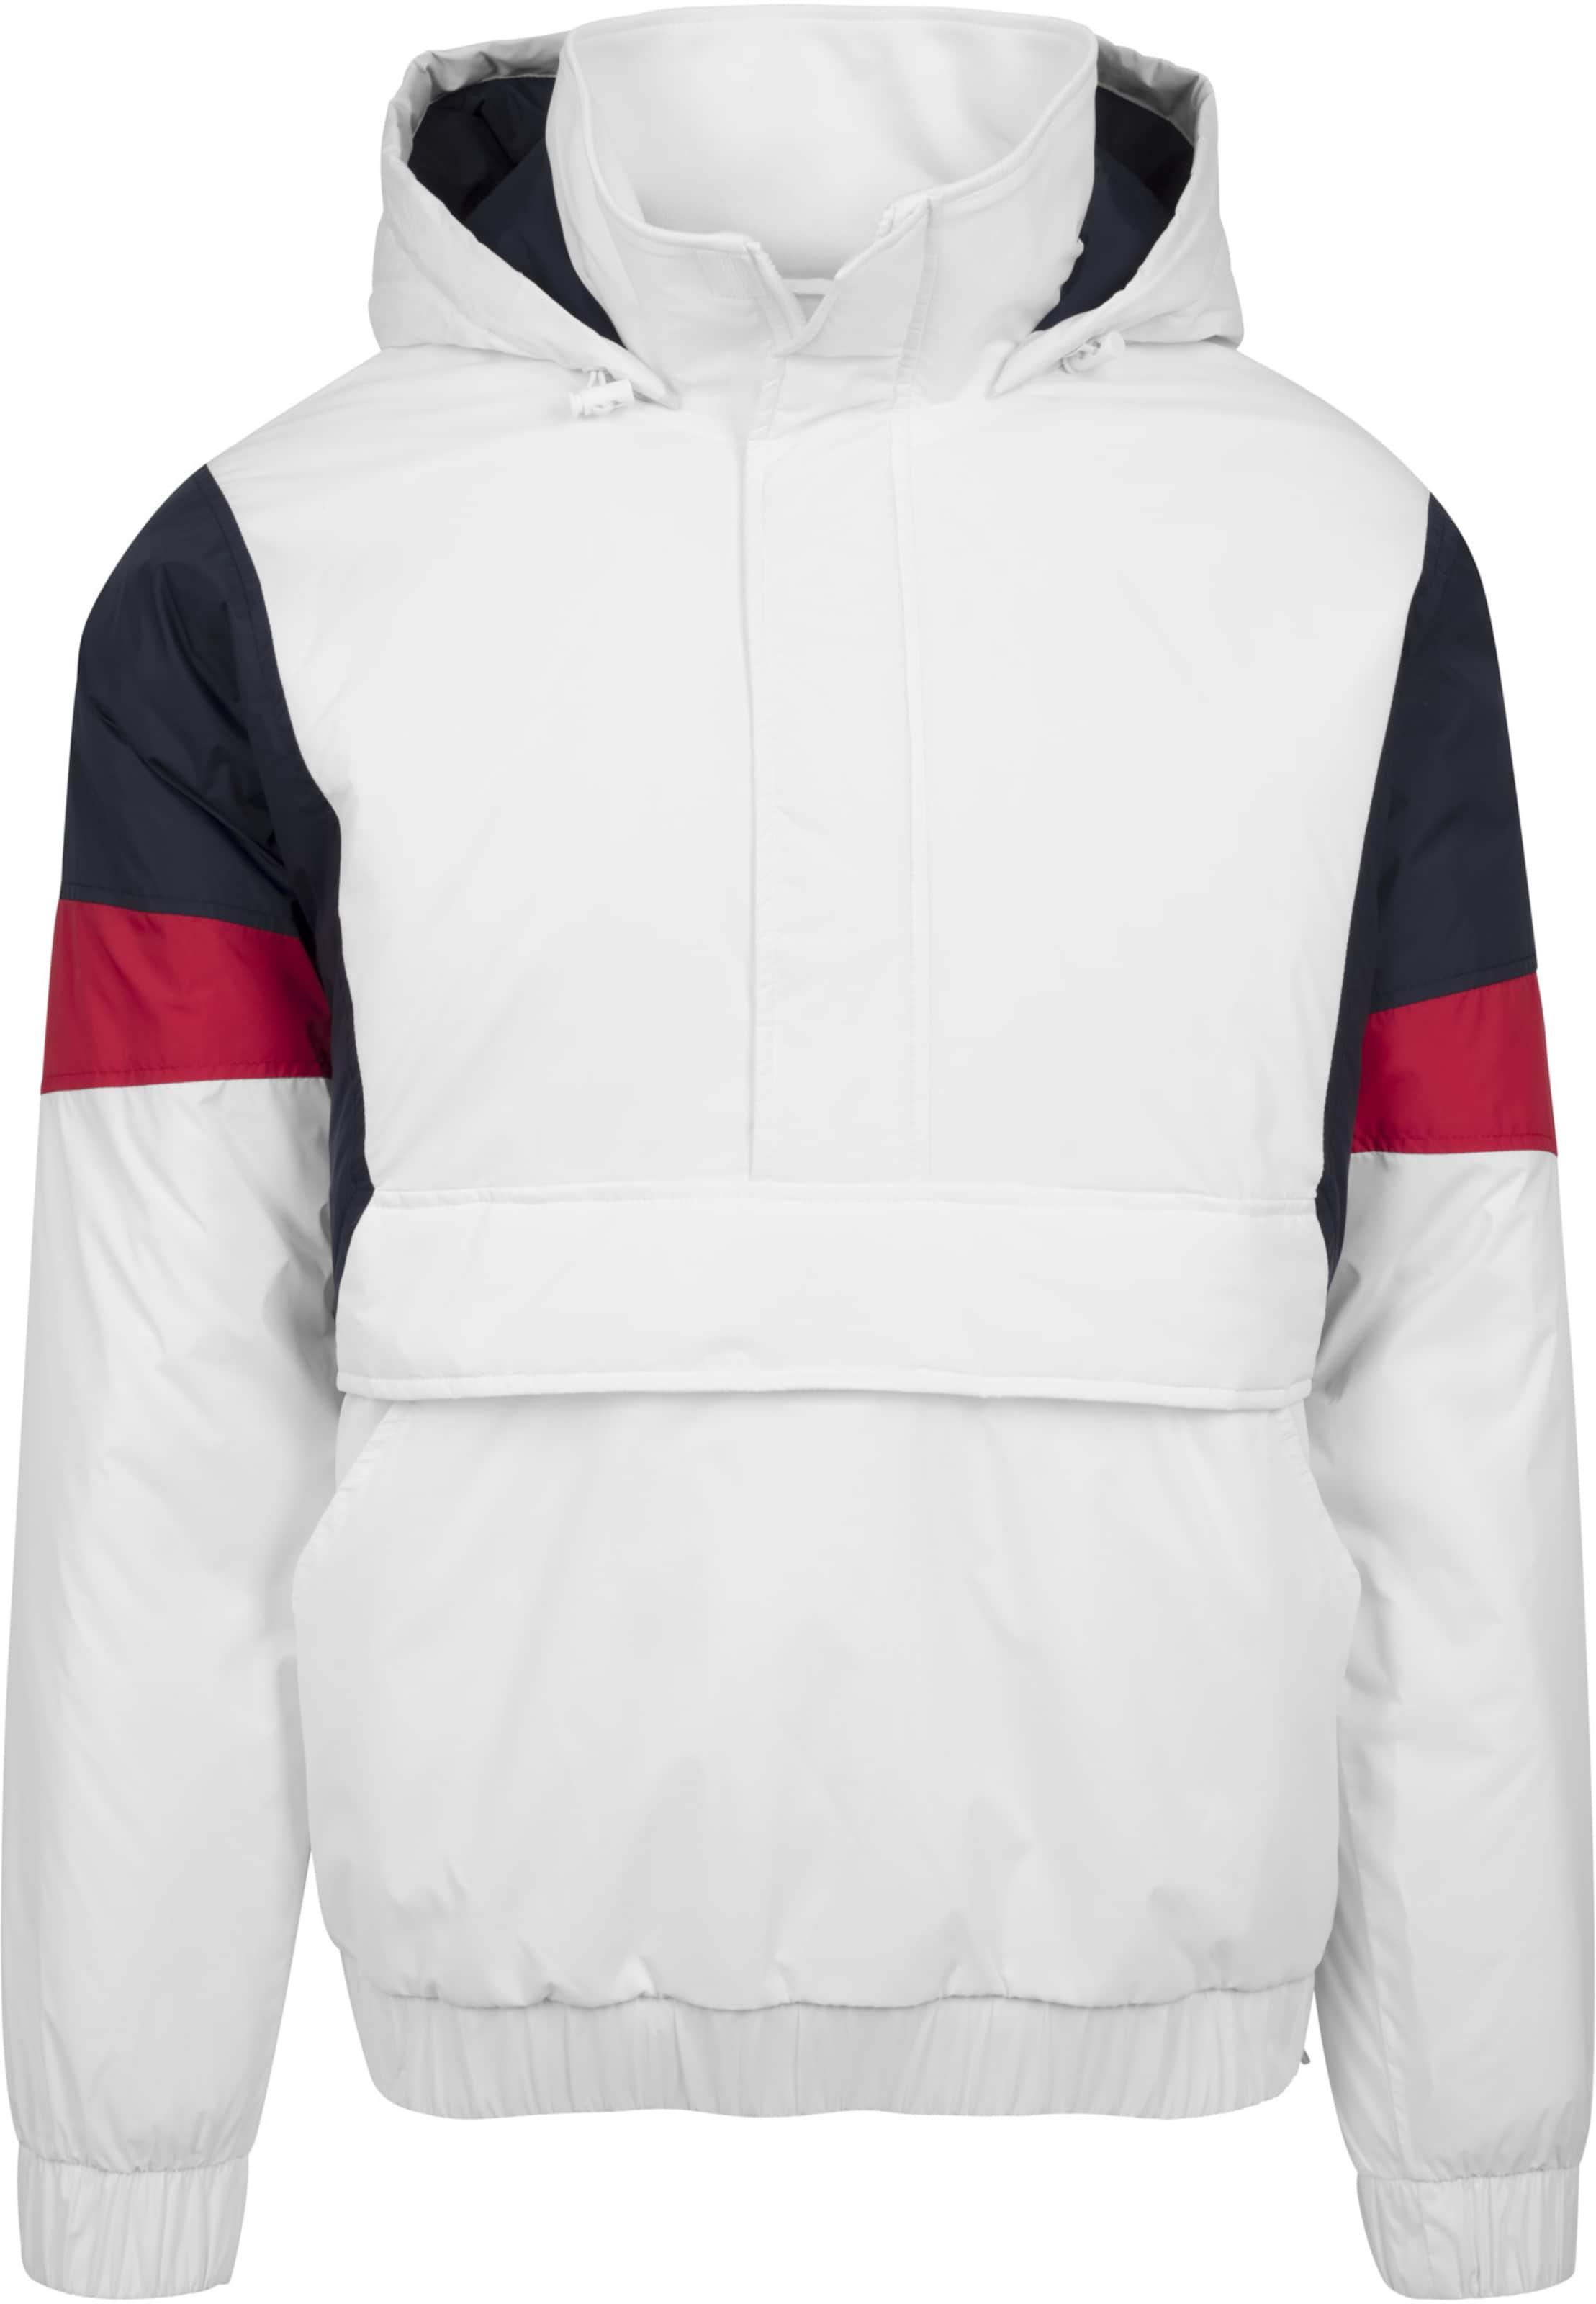 In Classics Urban Weiß NavyRot Jacket 1J3FcTKl